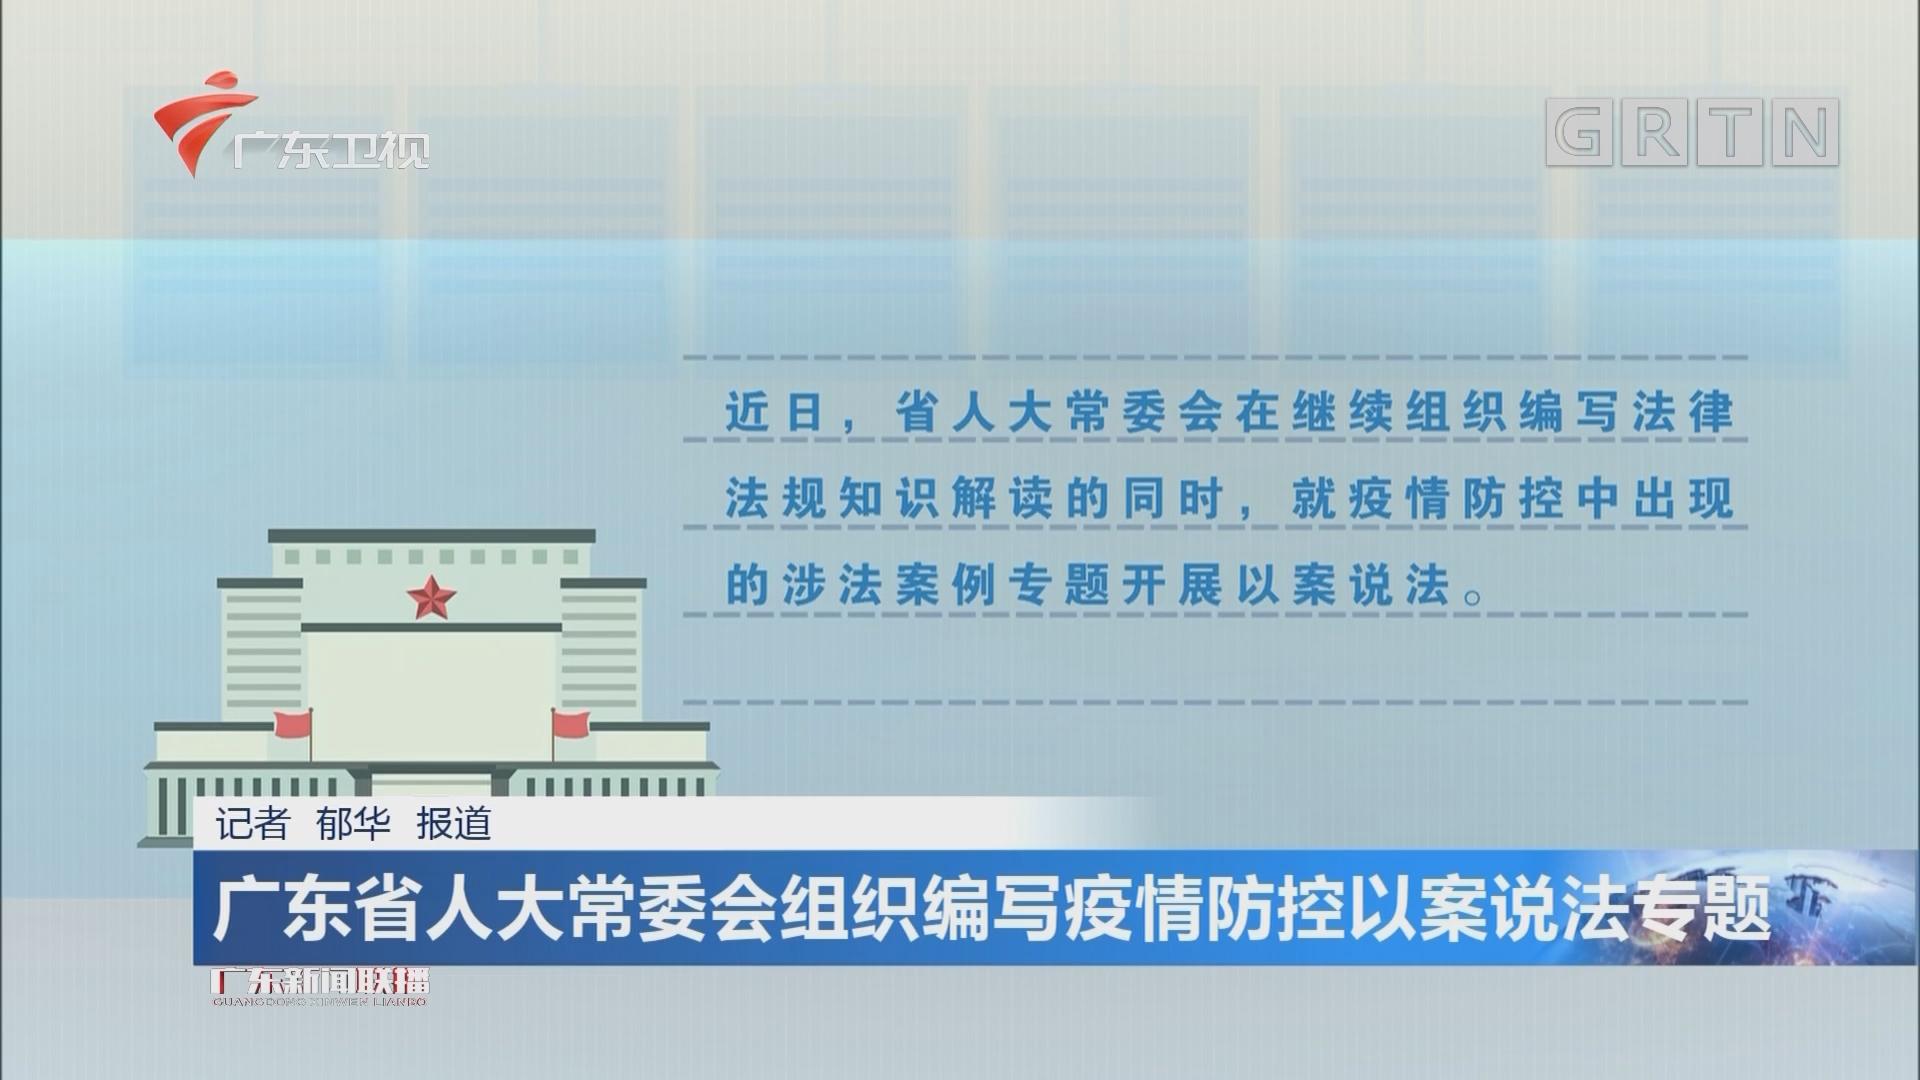 广东省人大常委会组织编写疫情防控以案说法专题